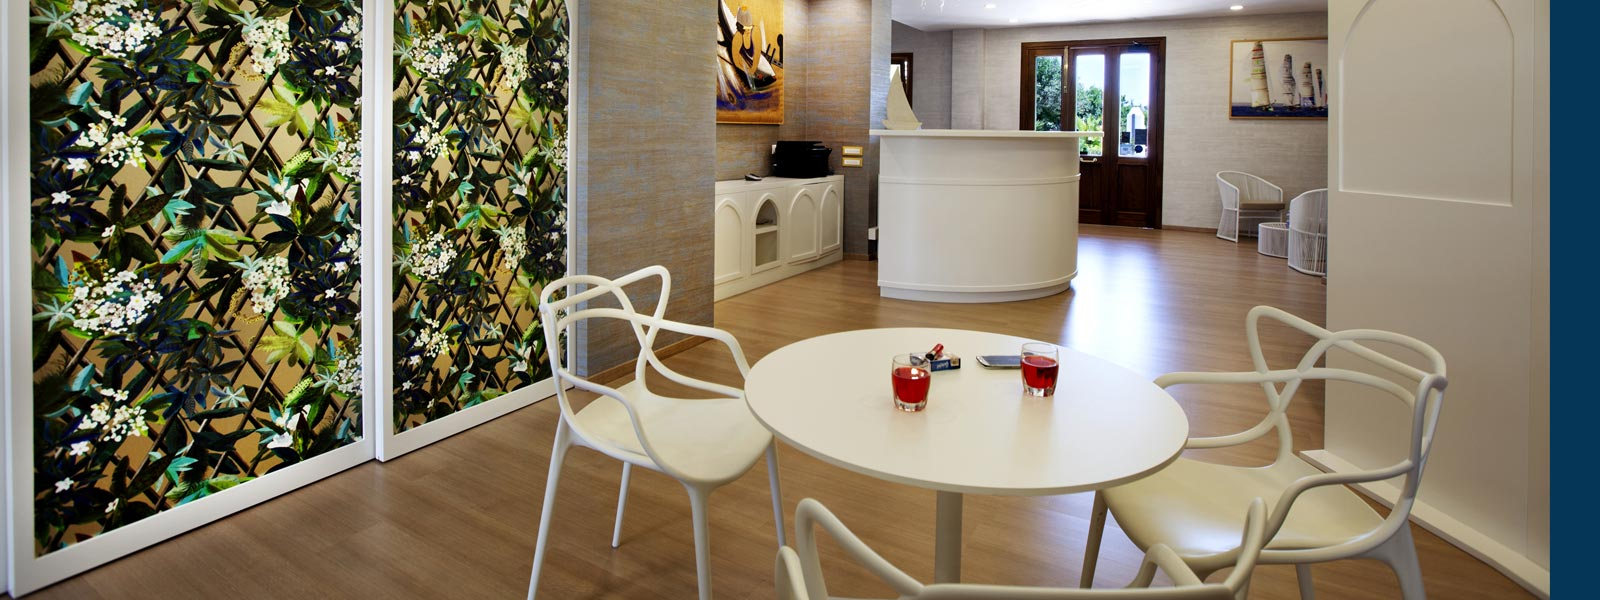 Favignana_Hotel_Isole-Egadi-8382